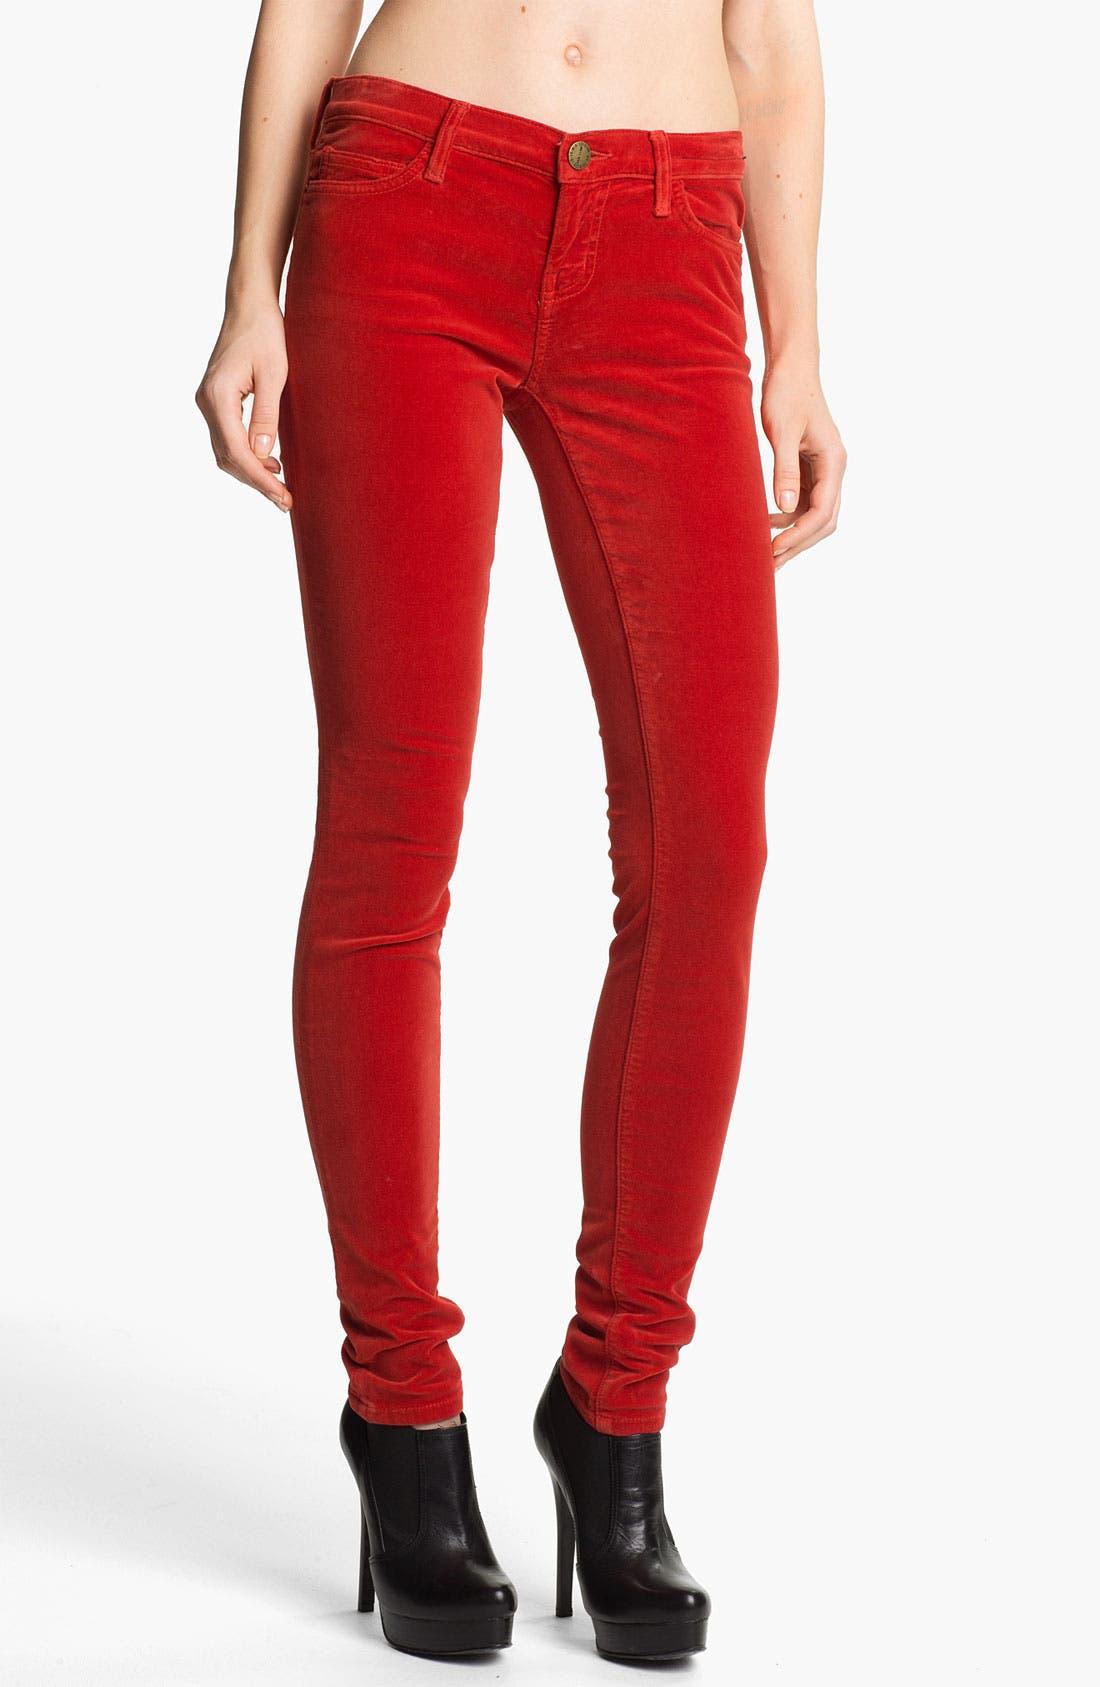 Alternate Image 1 Selected - Current/Elliott Velvet Skinny Pants (Scarlet)